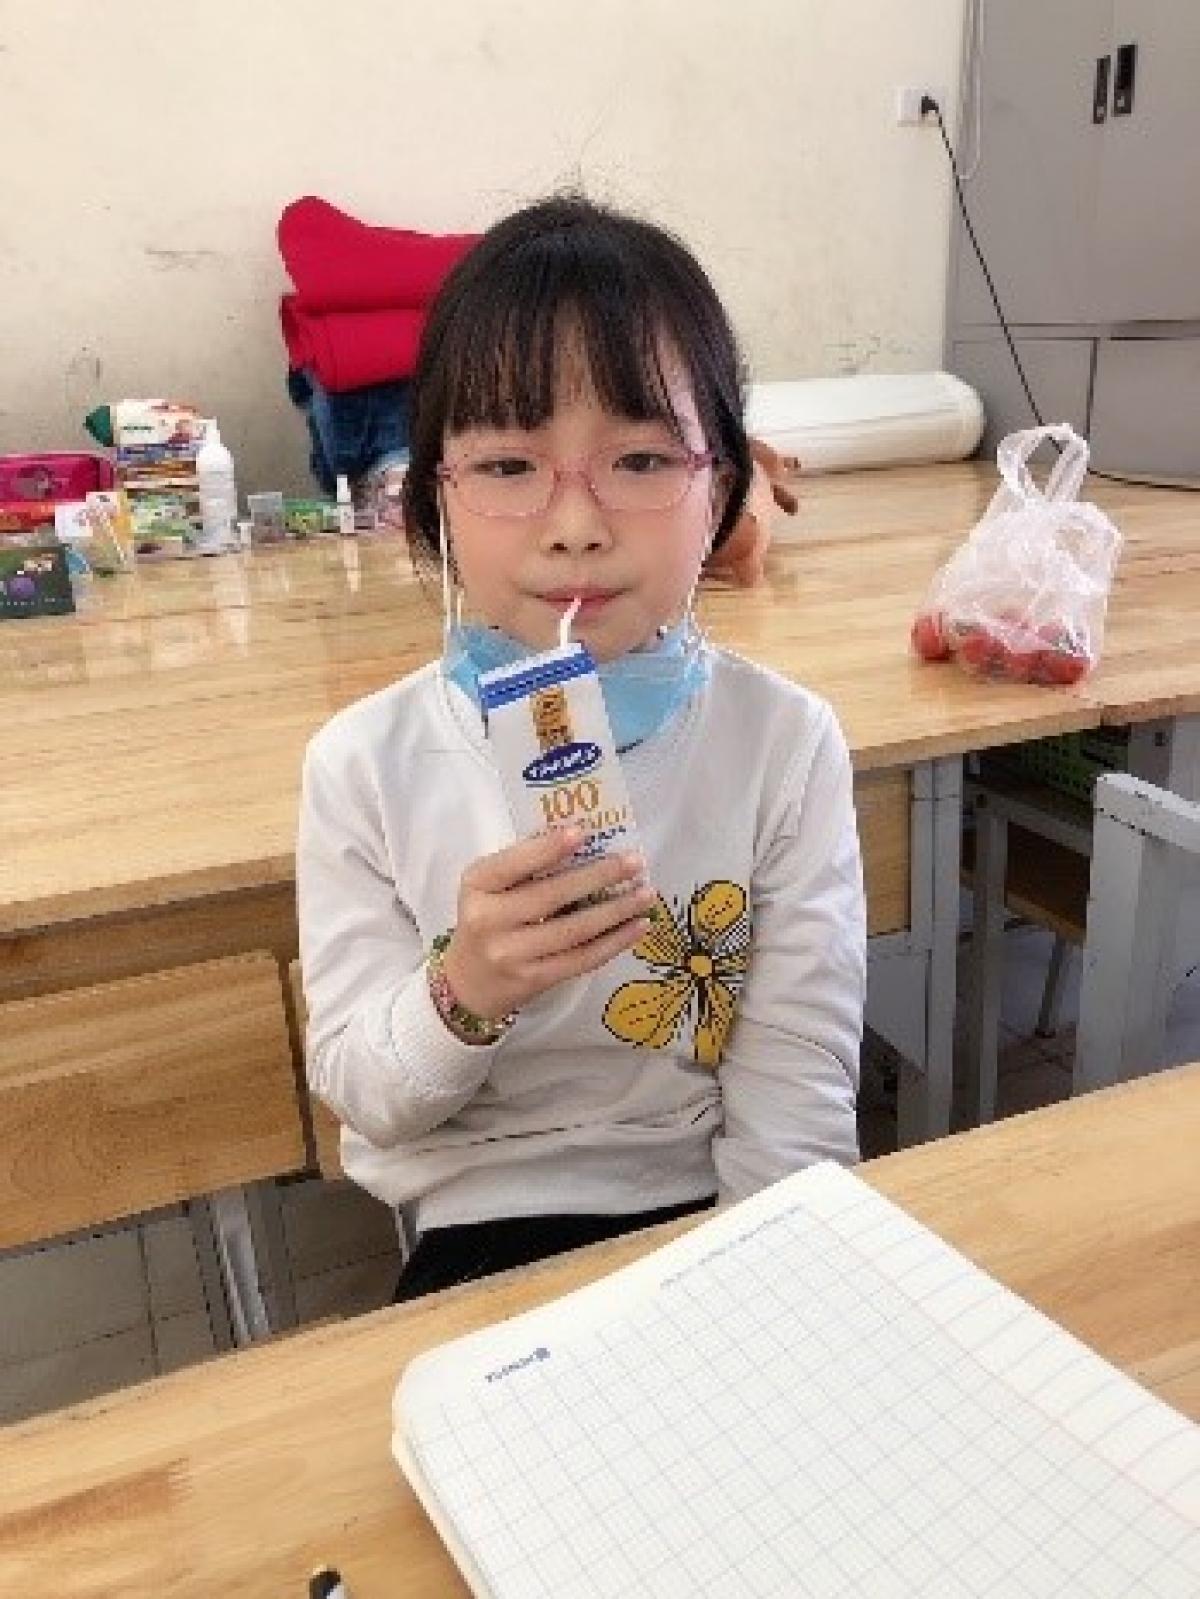 Những hộp sữa đã đến với các em học sinh tại trường Xuân Phương. Mỗi bé sẽ được bổ sung 2 hộp sữa mỗi ngày.